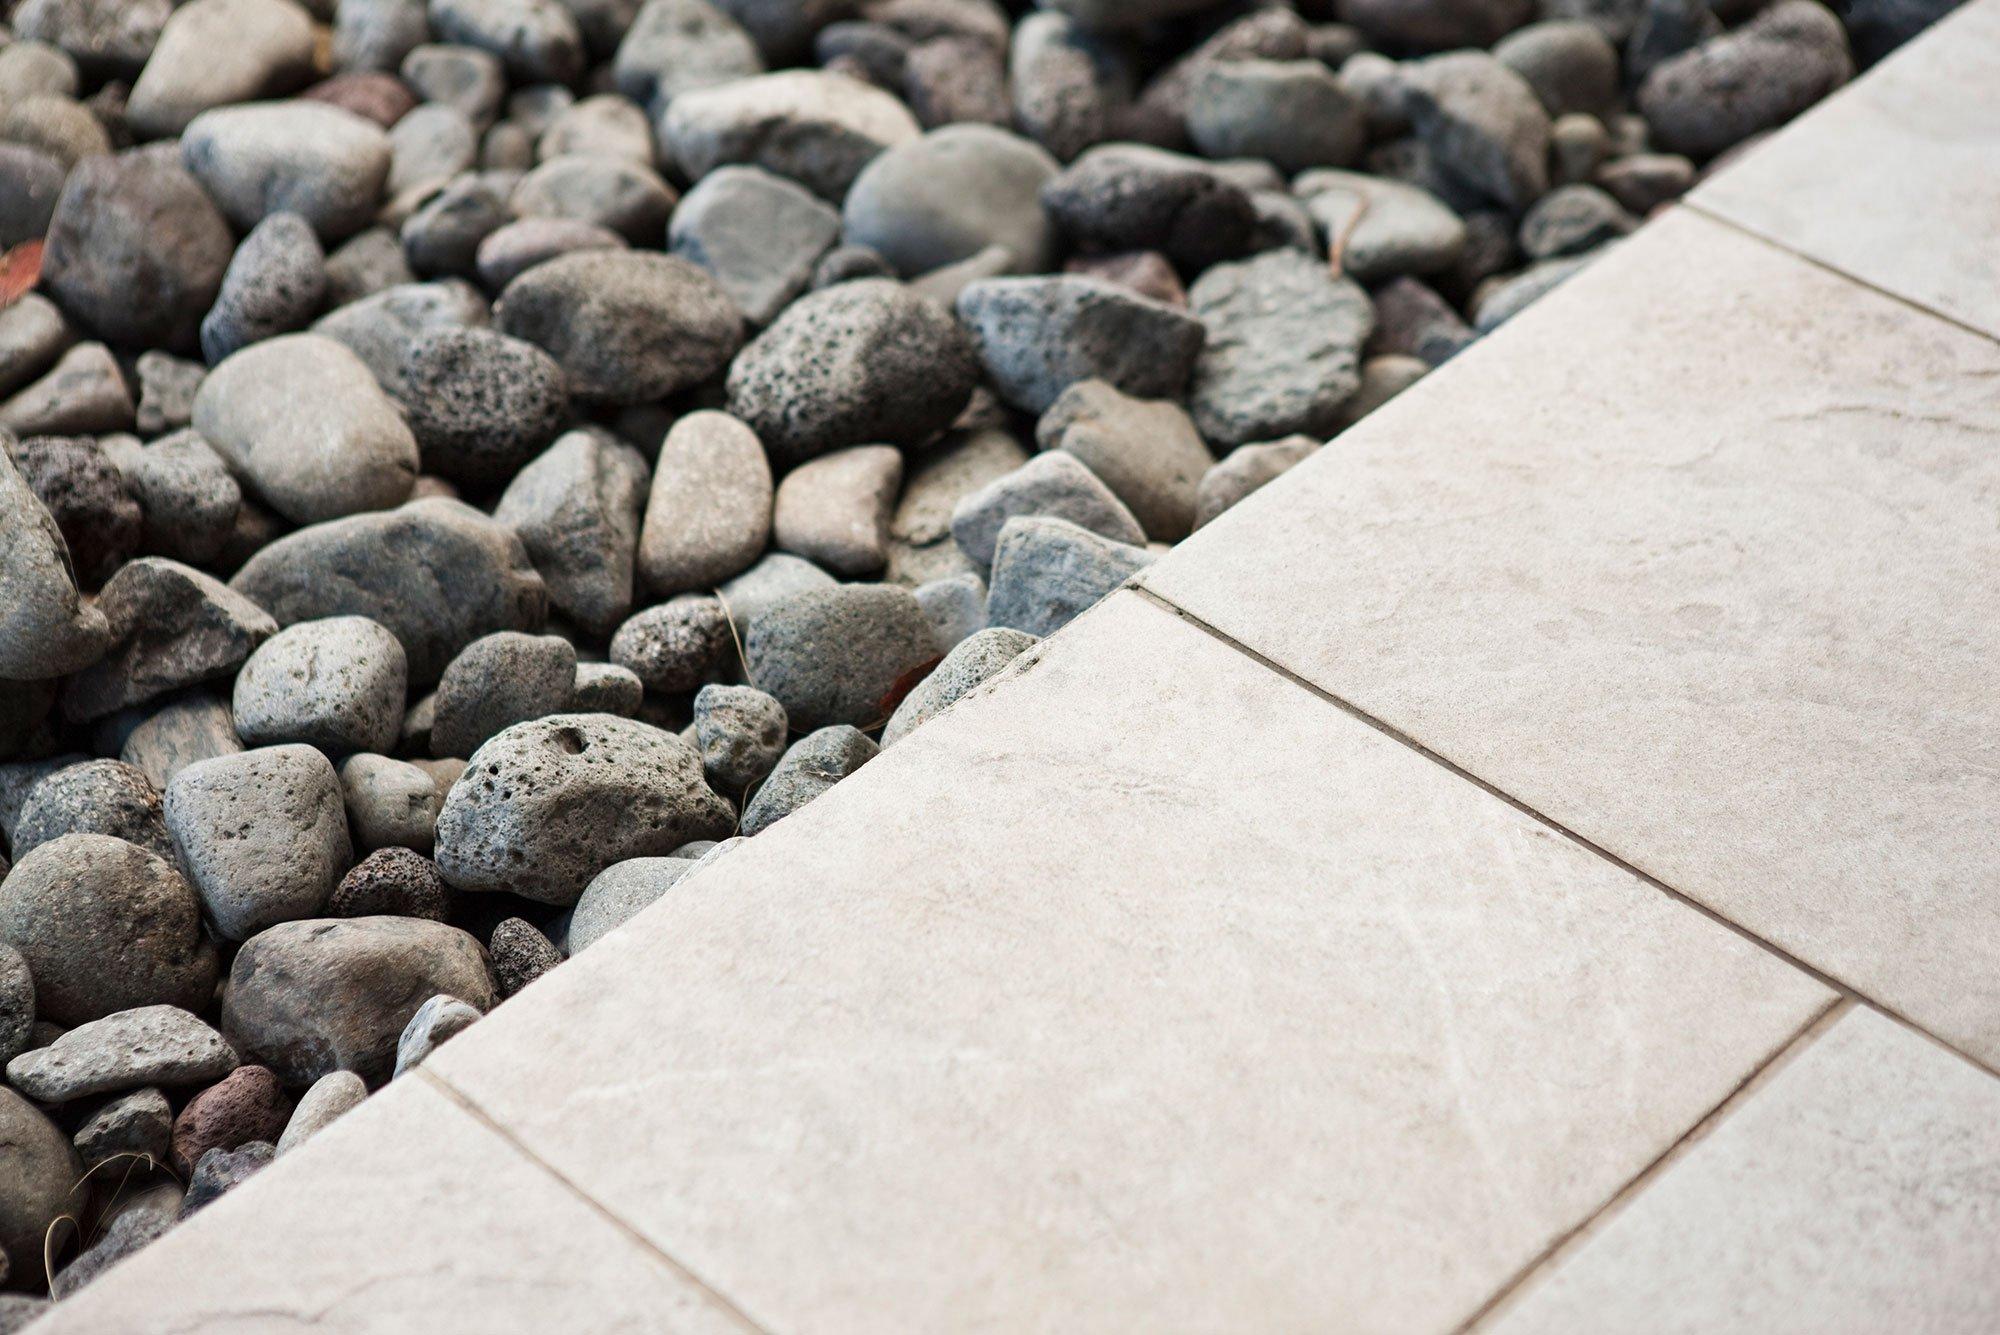 Gravel along edge of tiled patio